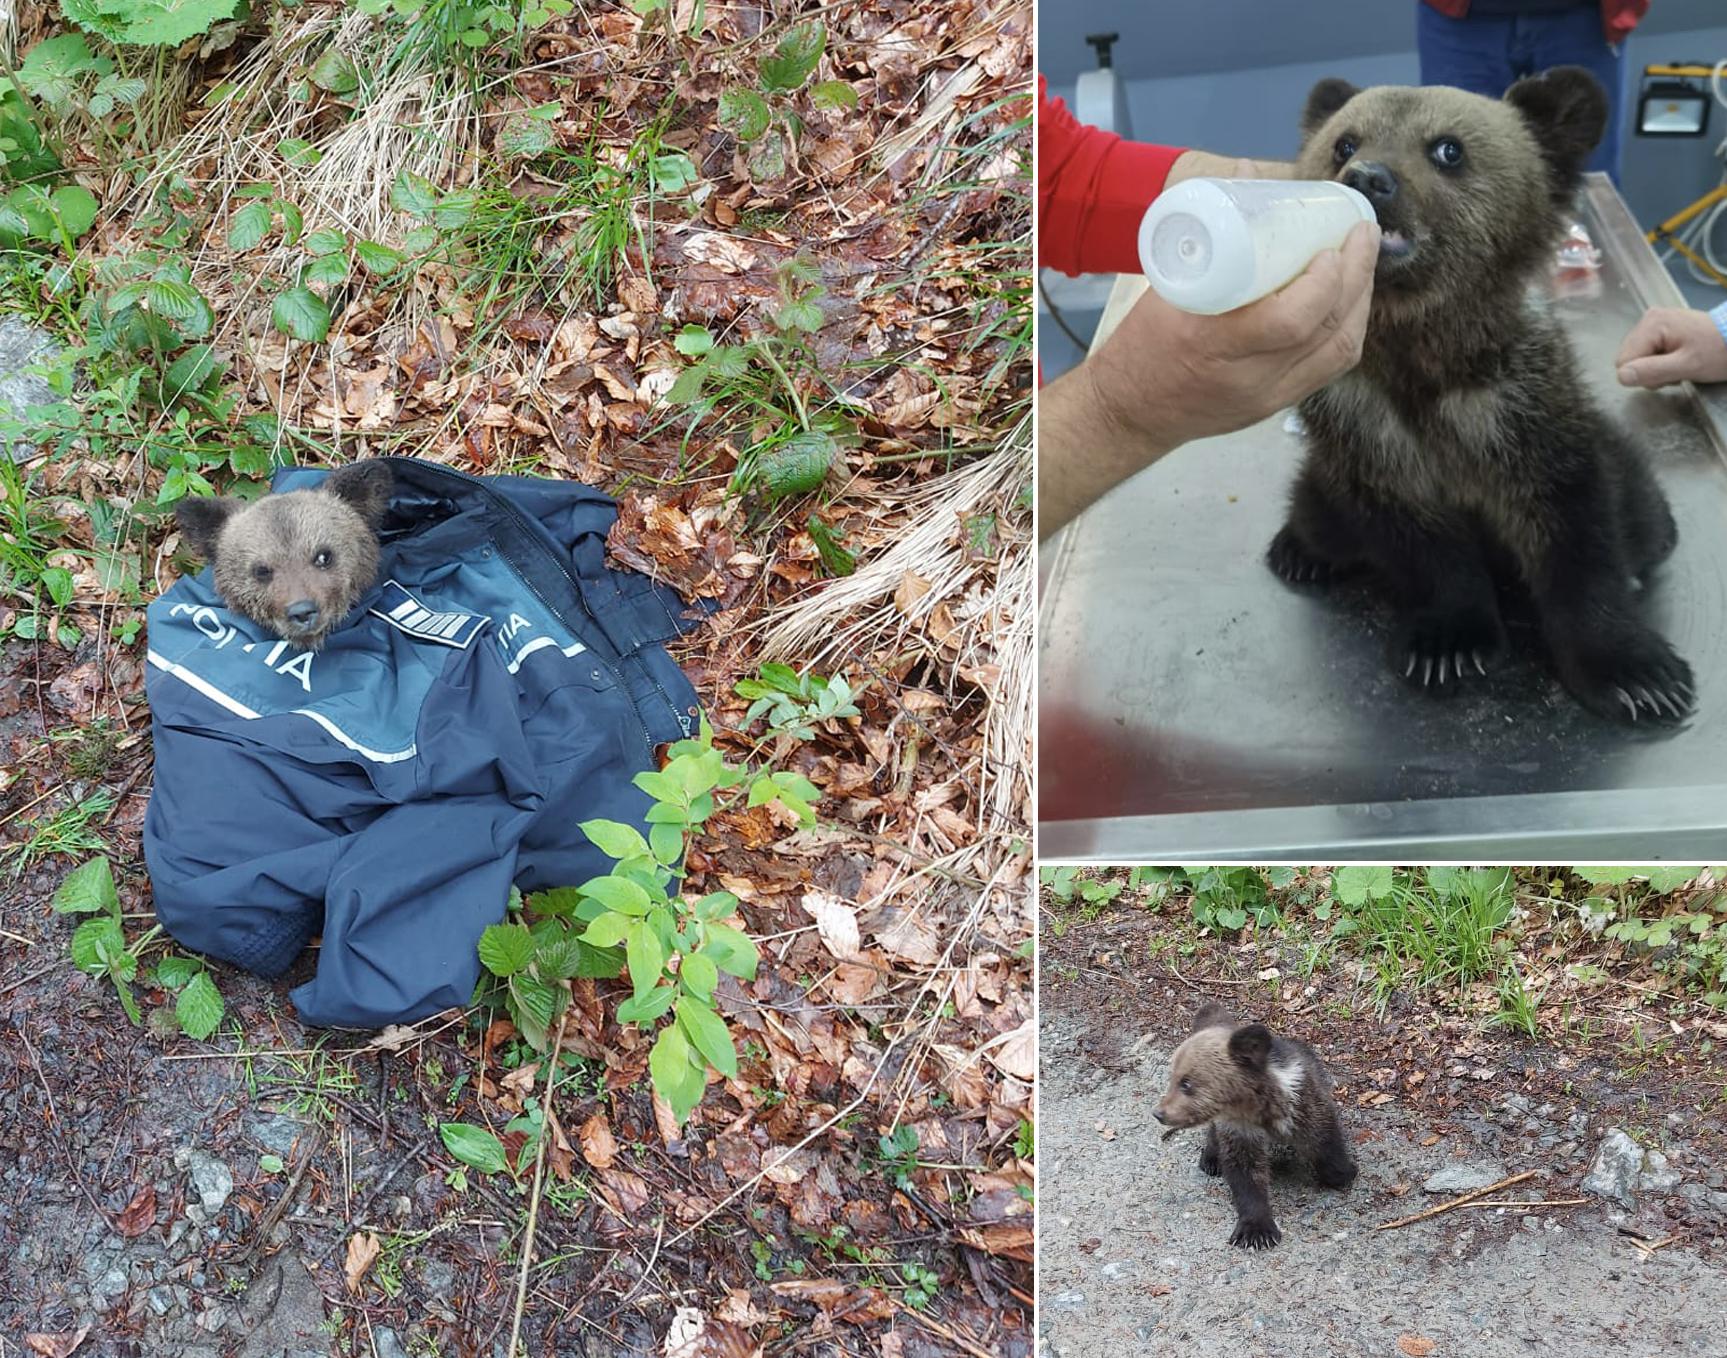 Actualizare. Puiul de urs adus la Zoo Sibiu, salvat în urma unui apel la 112